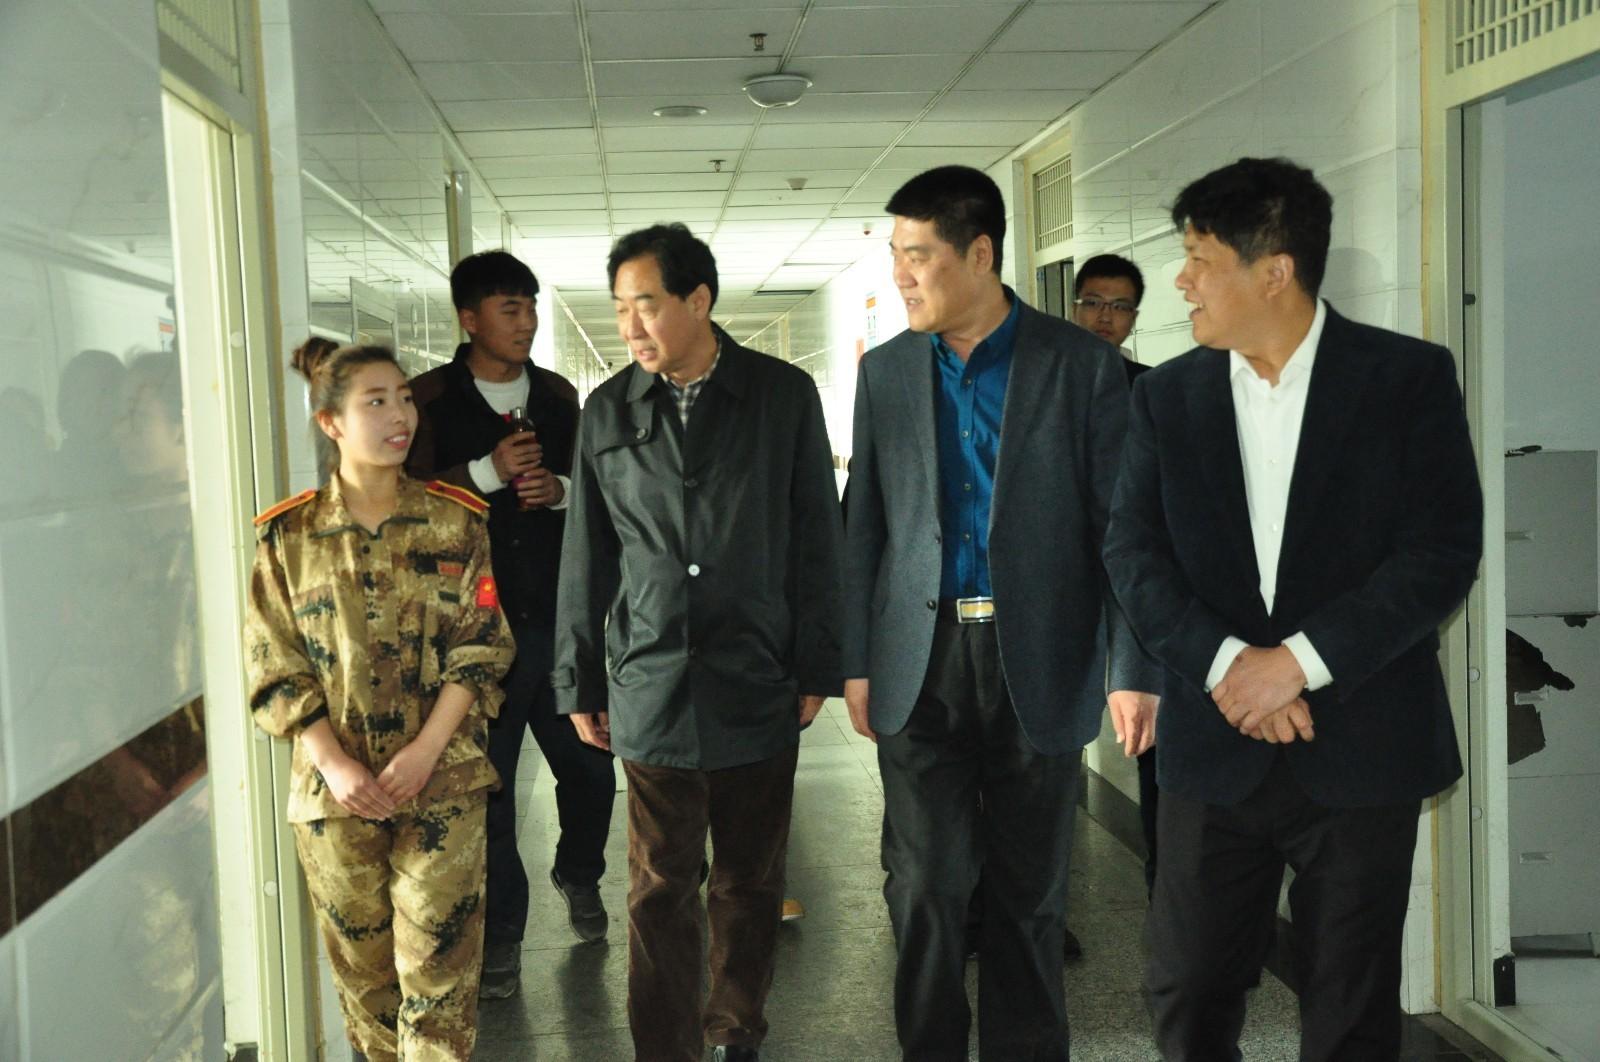 秦皇岛市青龙县王殿忠县长访问保定贺阳教育集团